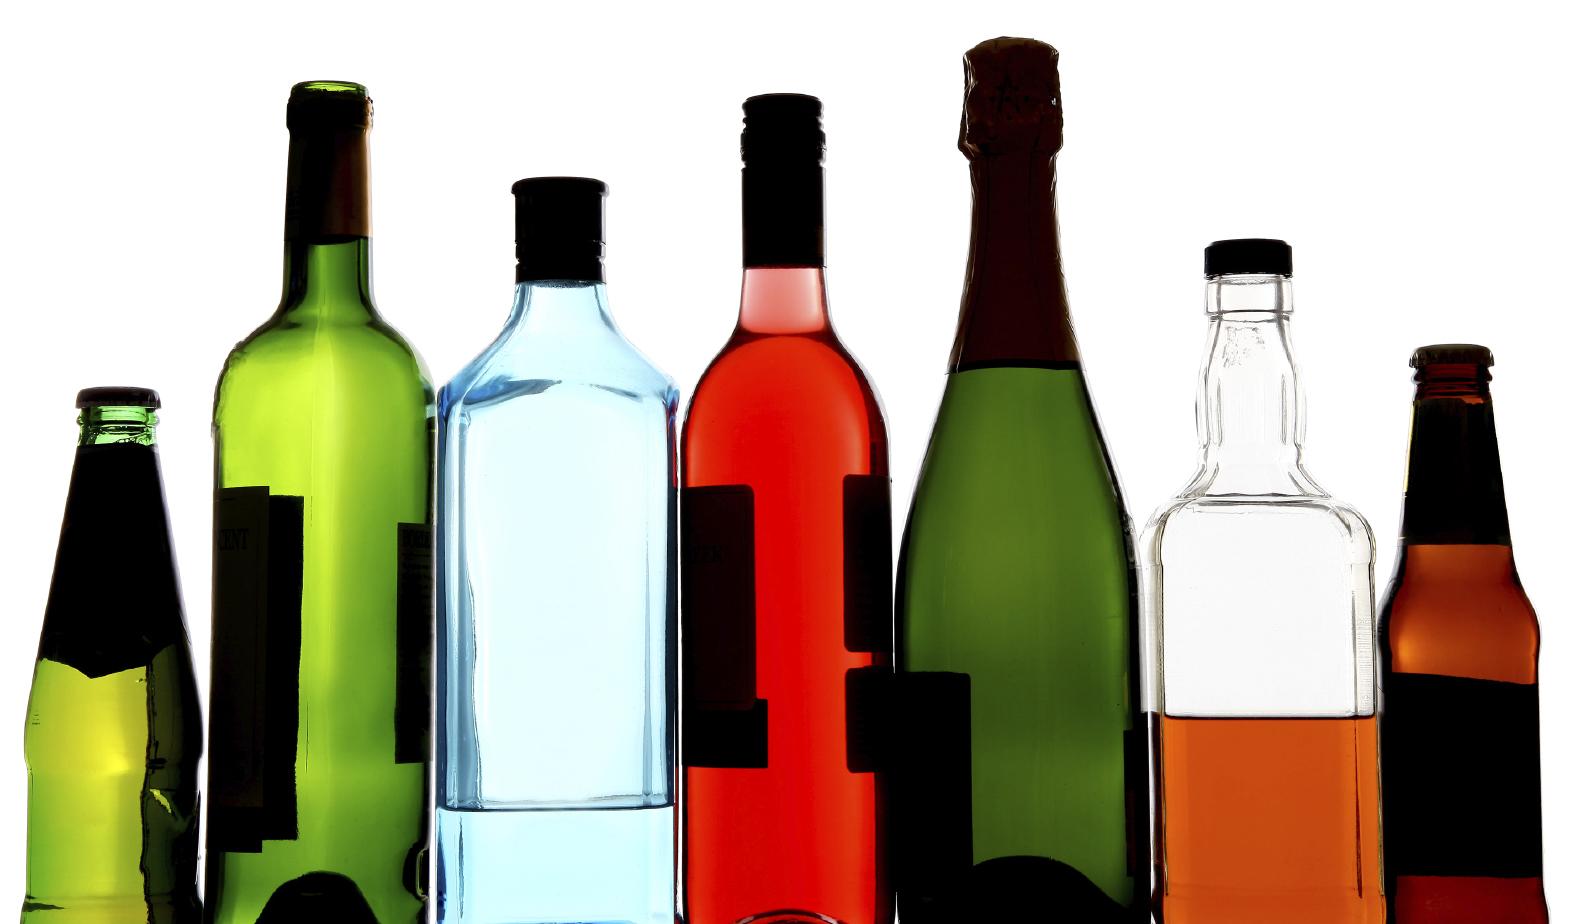 Около 1 тысячи руб. вмесяц растрачивают граждане Удмуртии на спирт